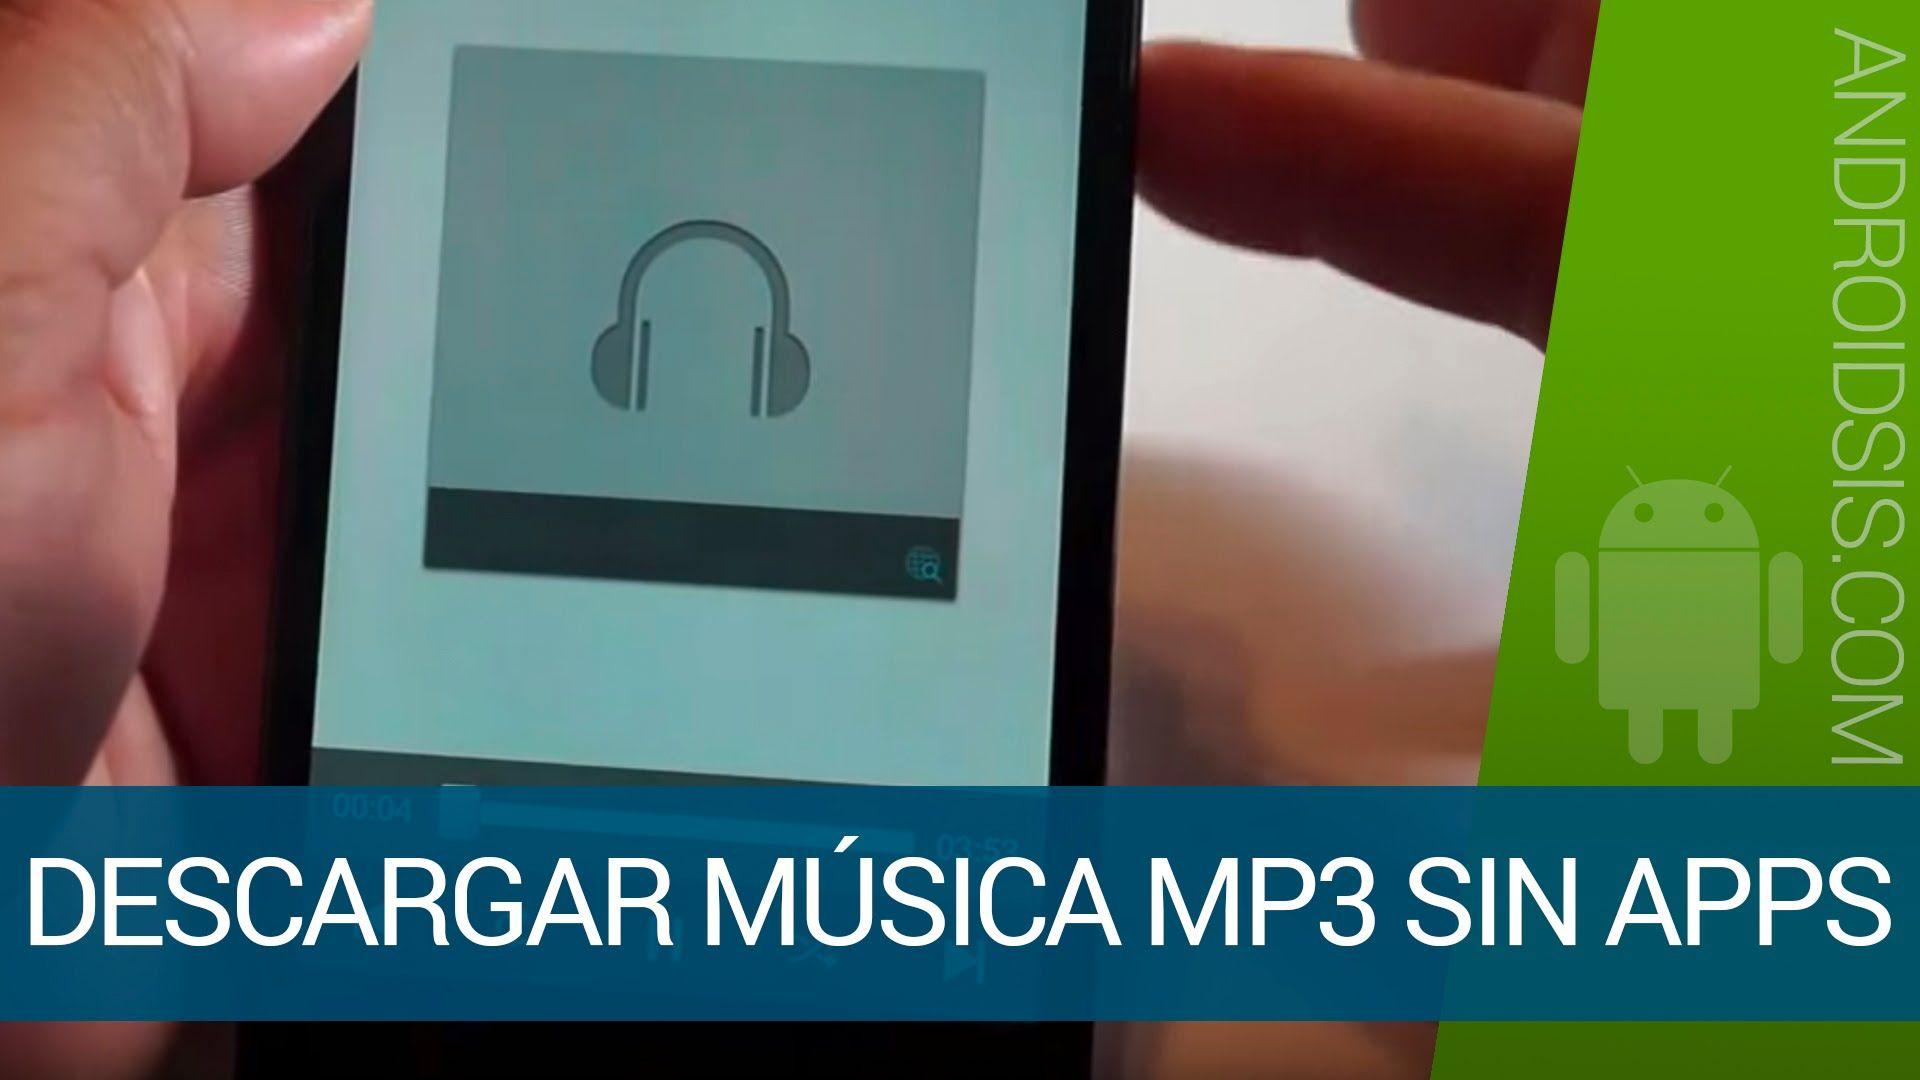 Cómo Descargar Música En Mp3 Sin Necesidad De Instalar Aplicaciones Exte Descargar Música Descargar Musica En Mp3 Musica